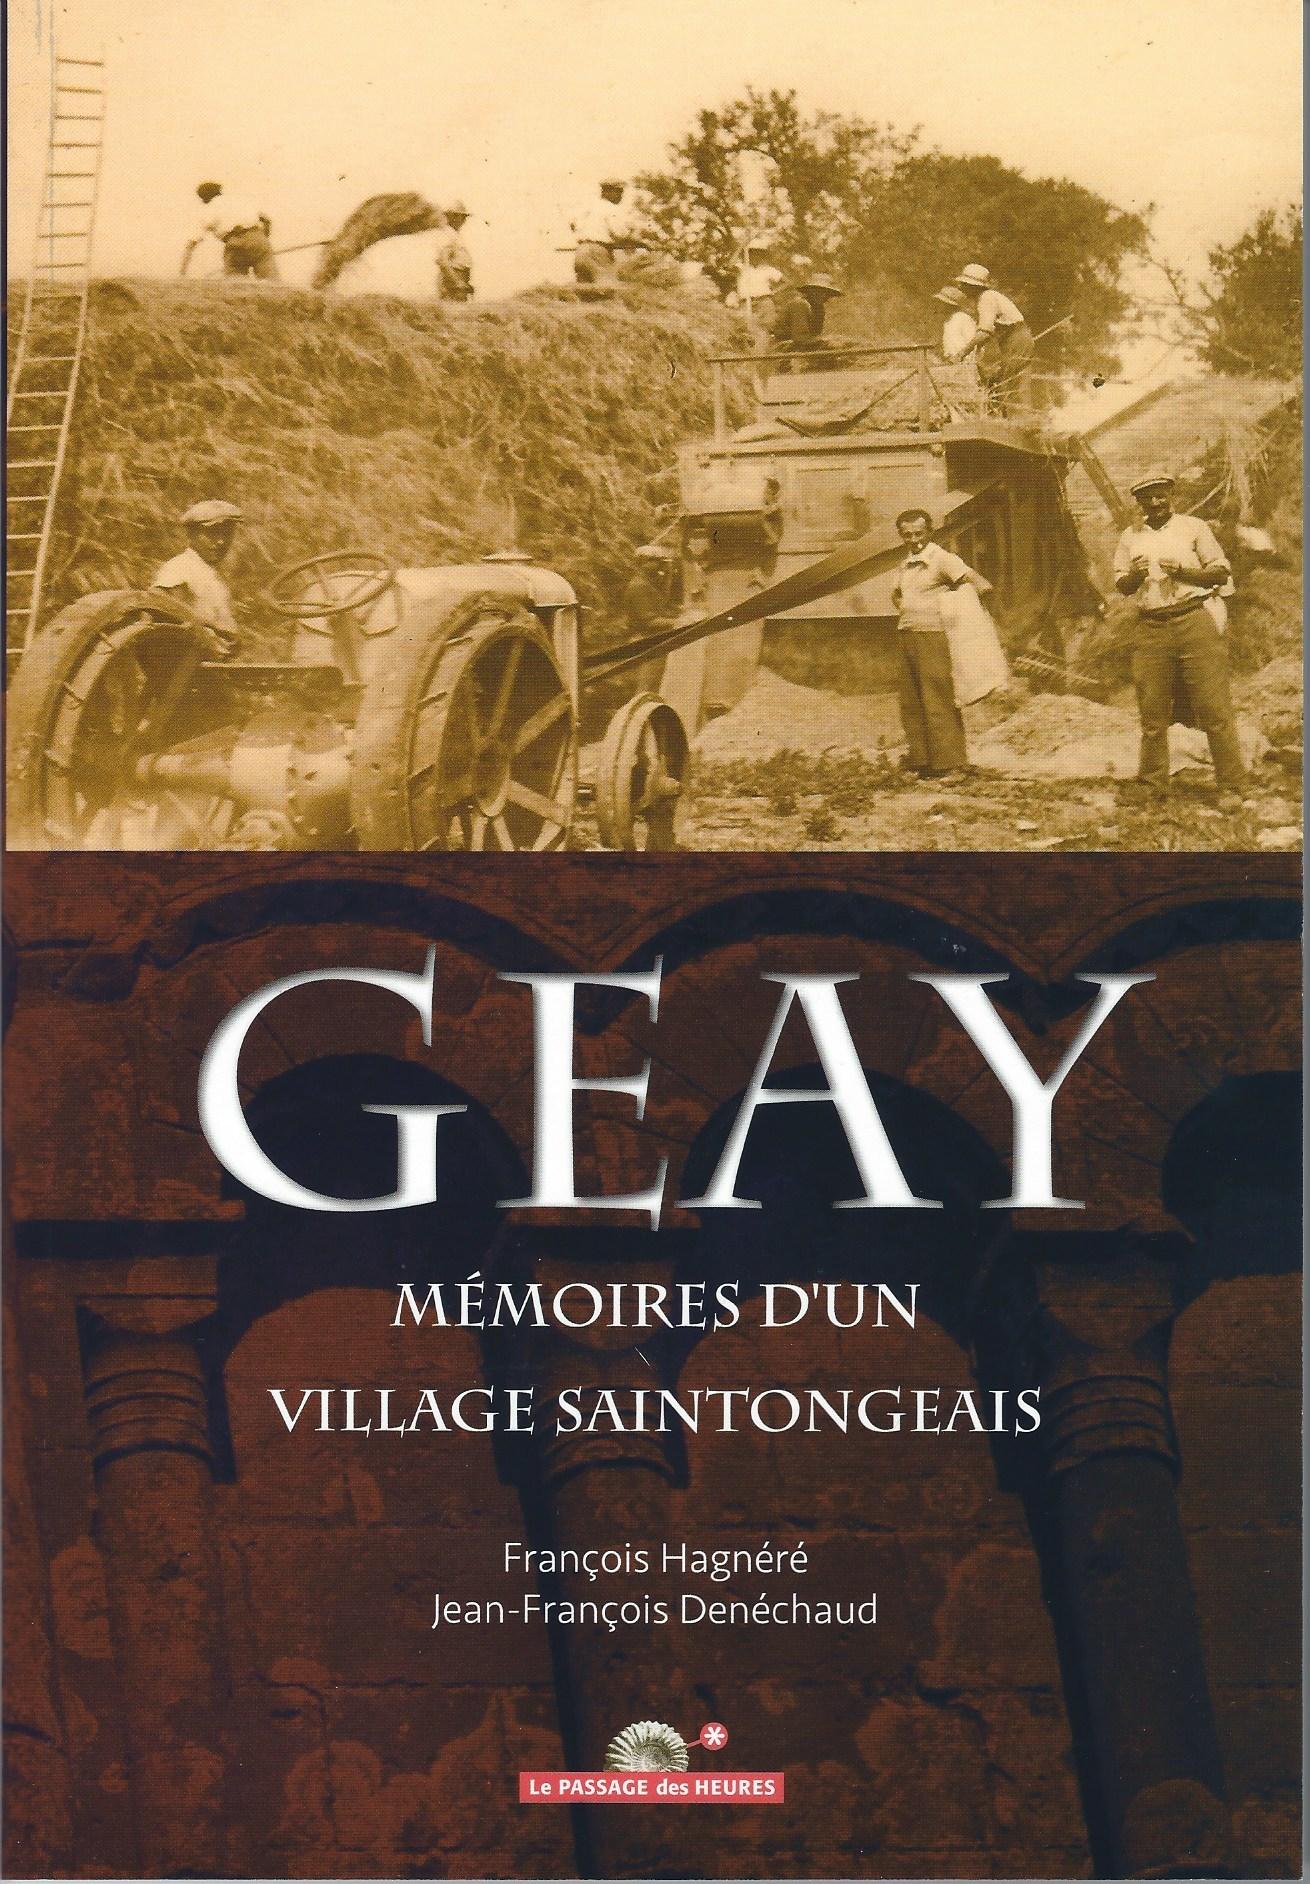 Geay, mémoires d'un village saintongeais 0101